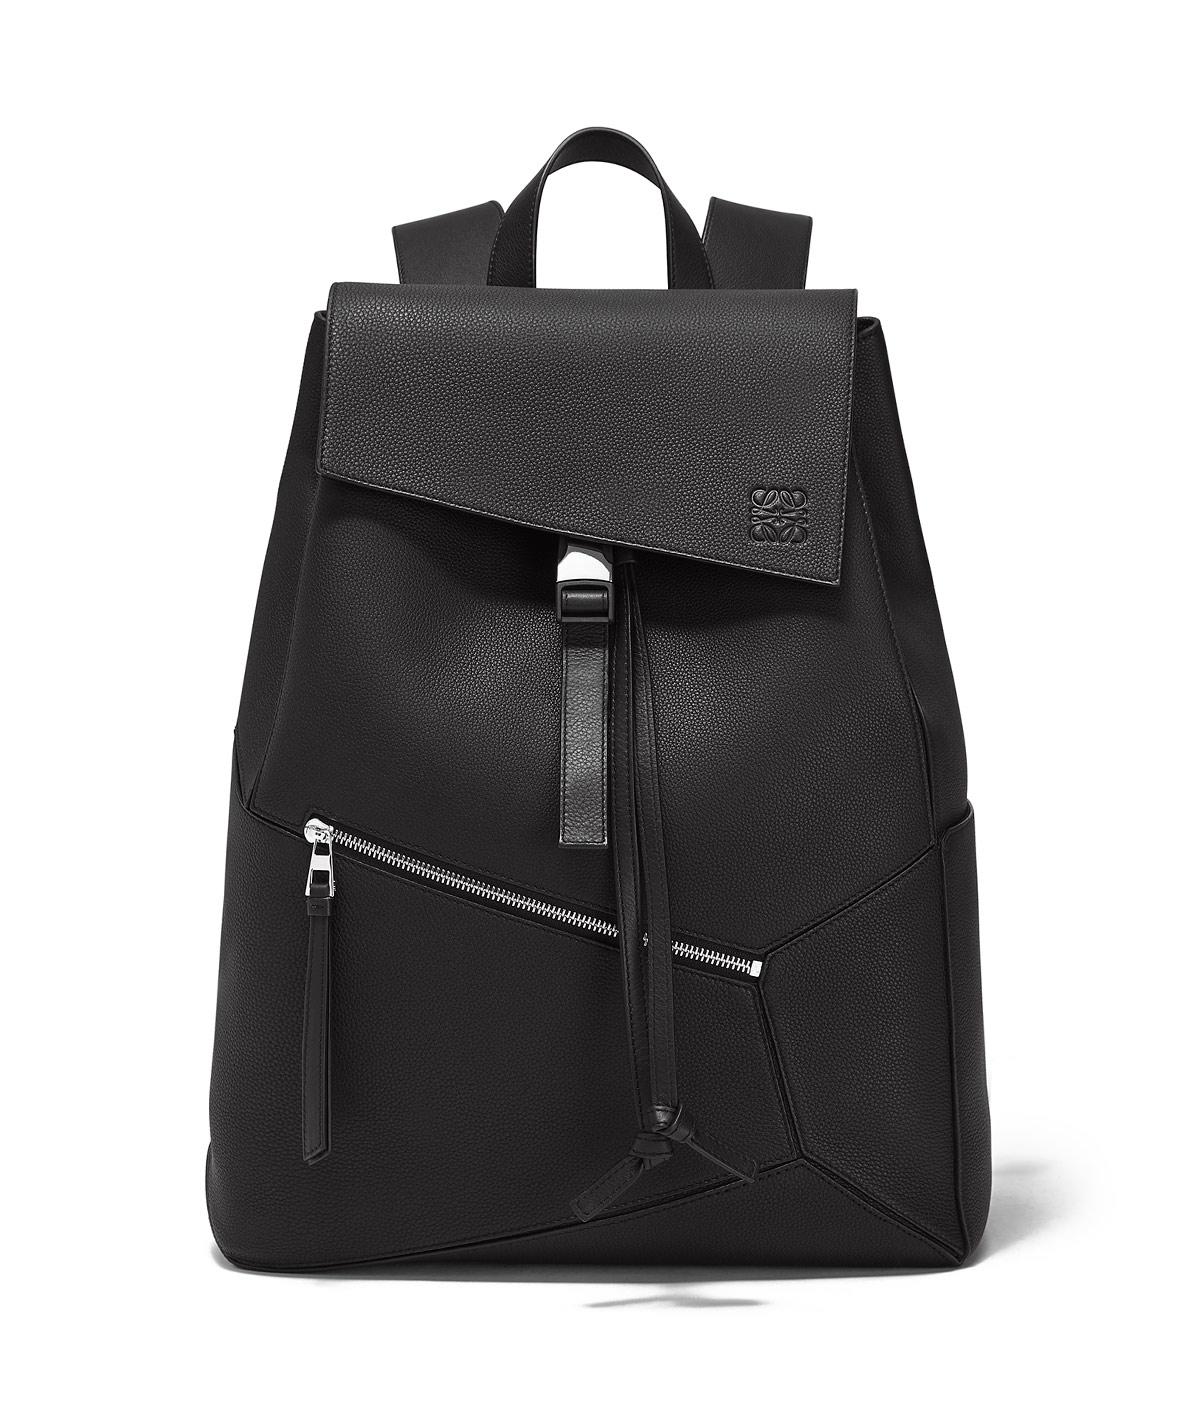 Puzzle Backpack Black Loewe